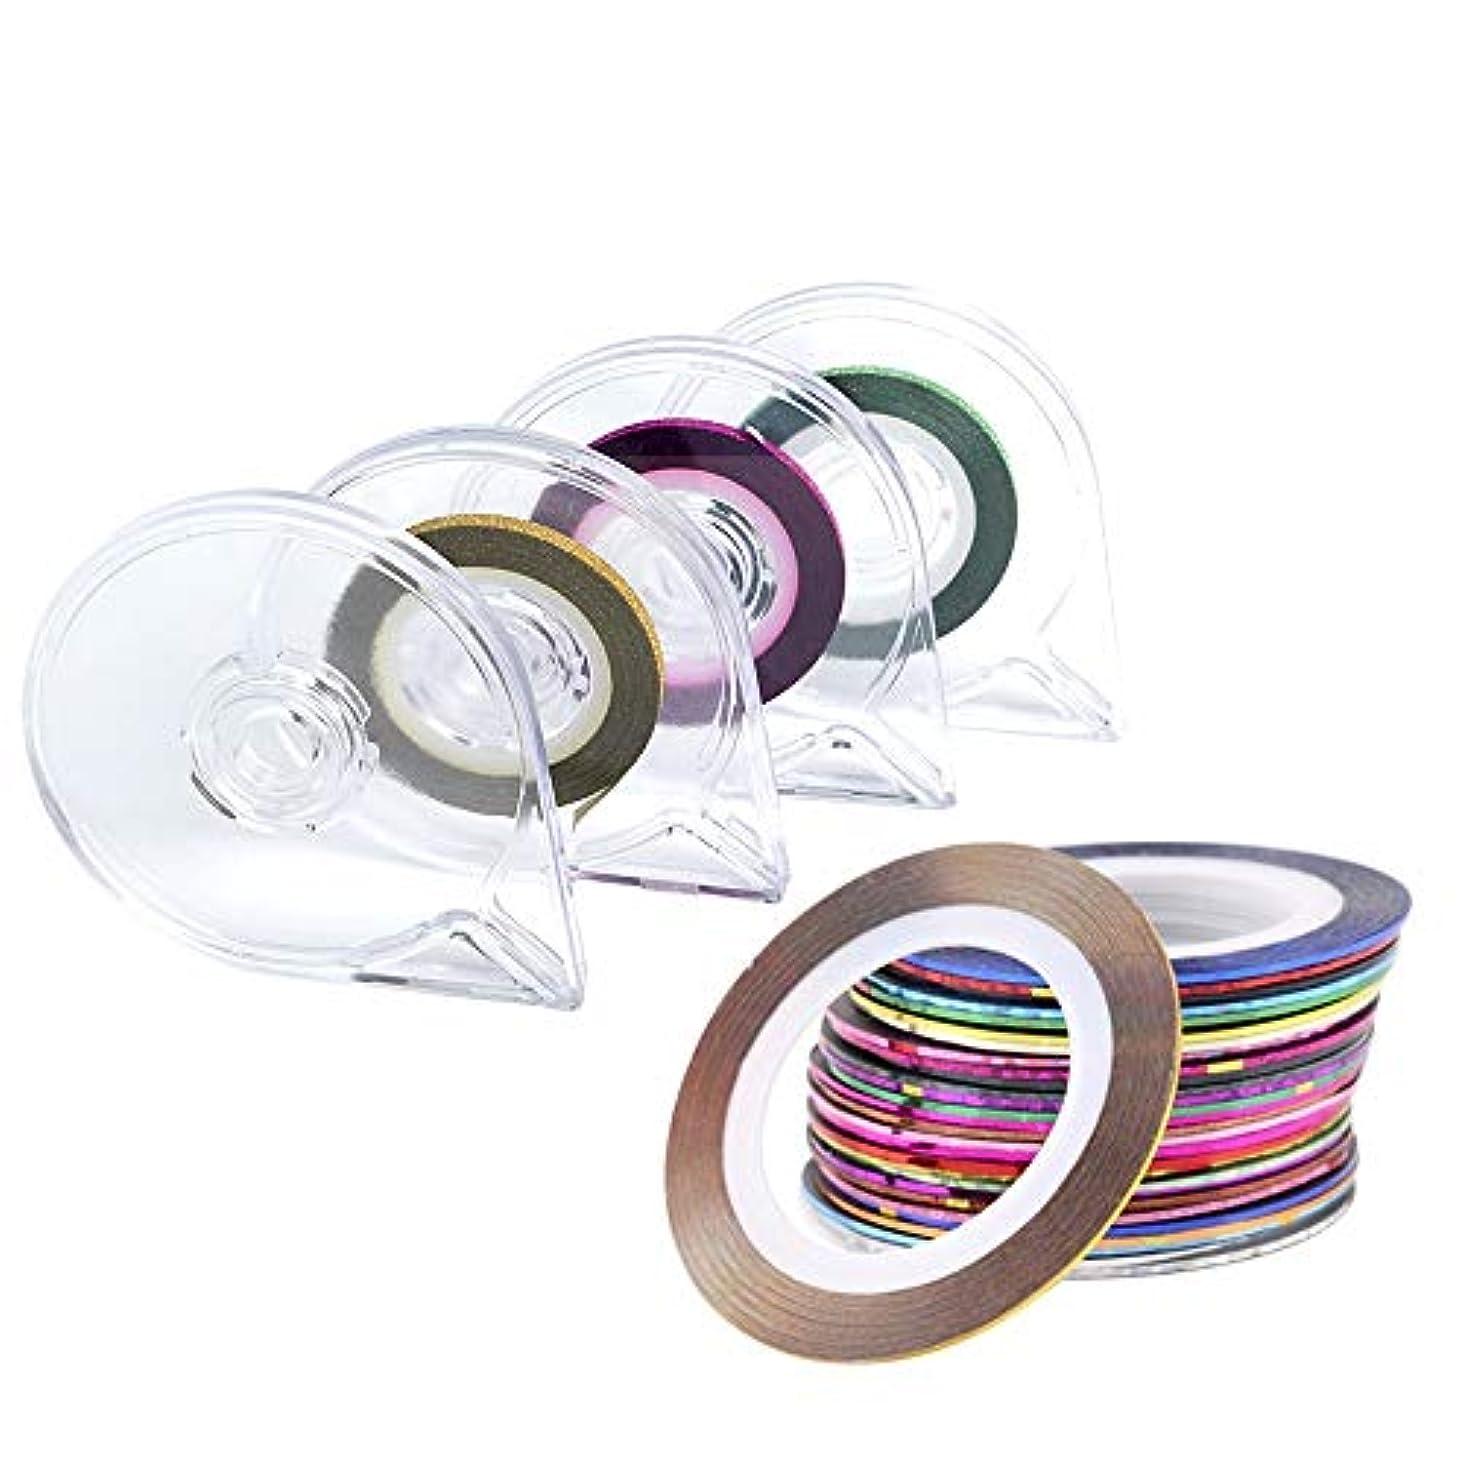 ラインテープネイルアート用 ラインテープ シート ジェルネイル用 マニキュア セット ジェルネイル アート用ラインテープ 専用ケース付き 30ピース (Color : Mixed Colour)